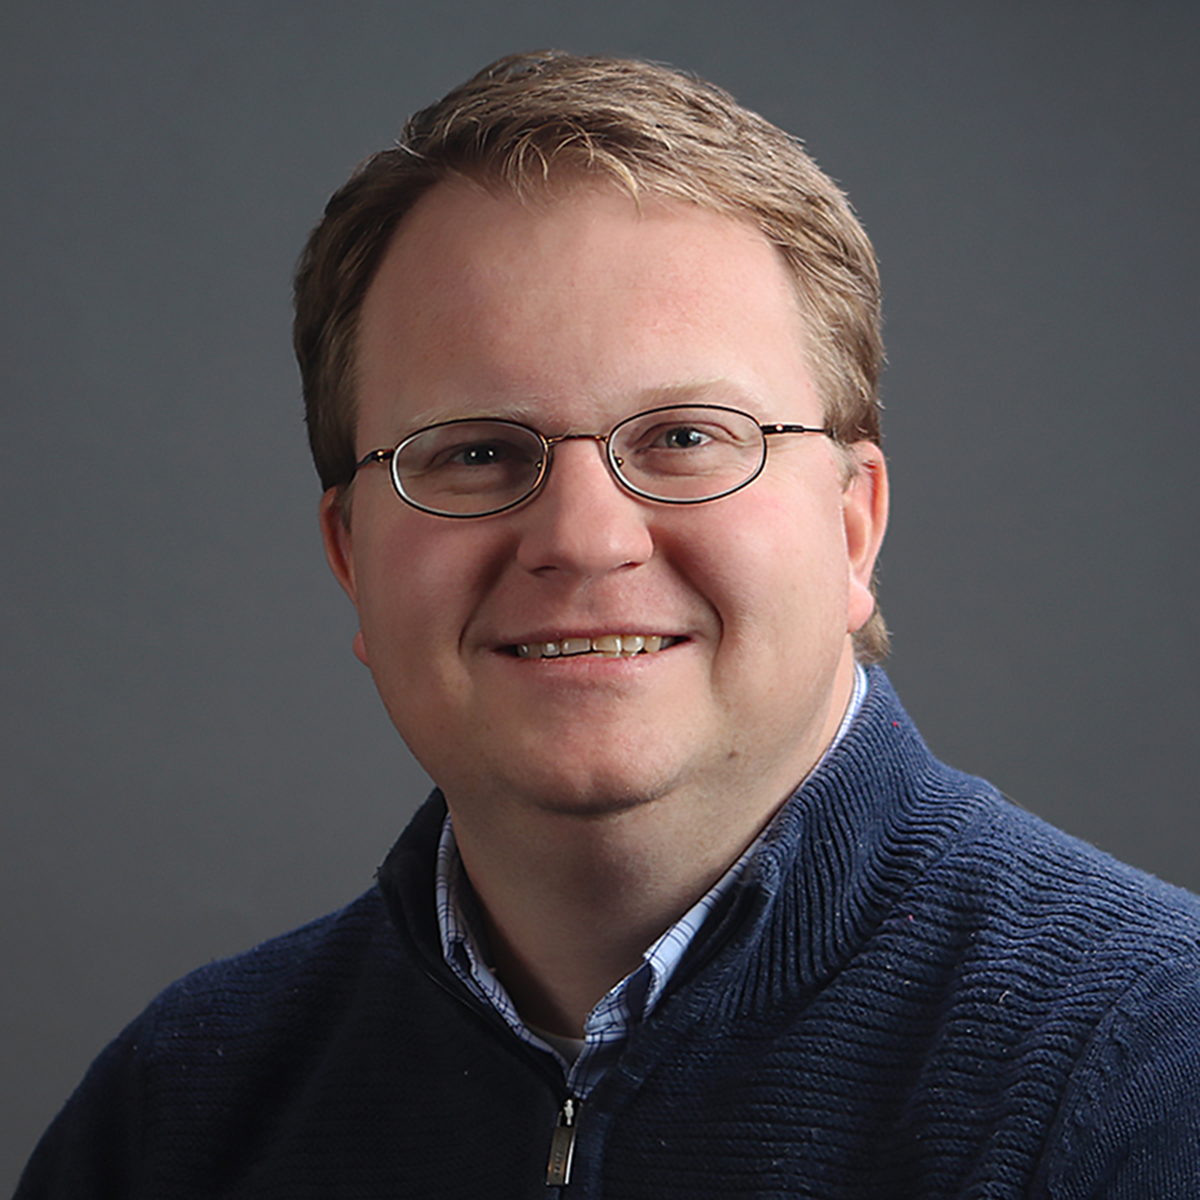 Profile picture of Gary Sullivan